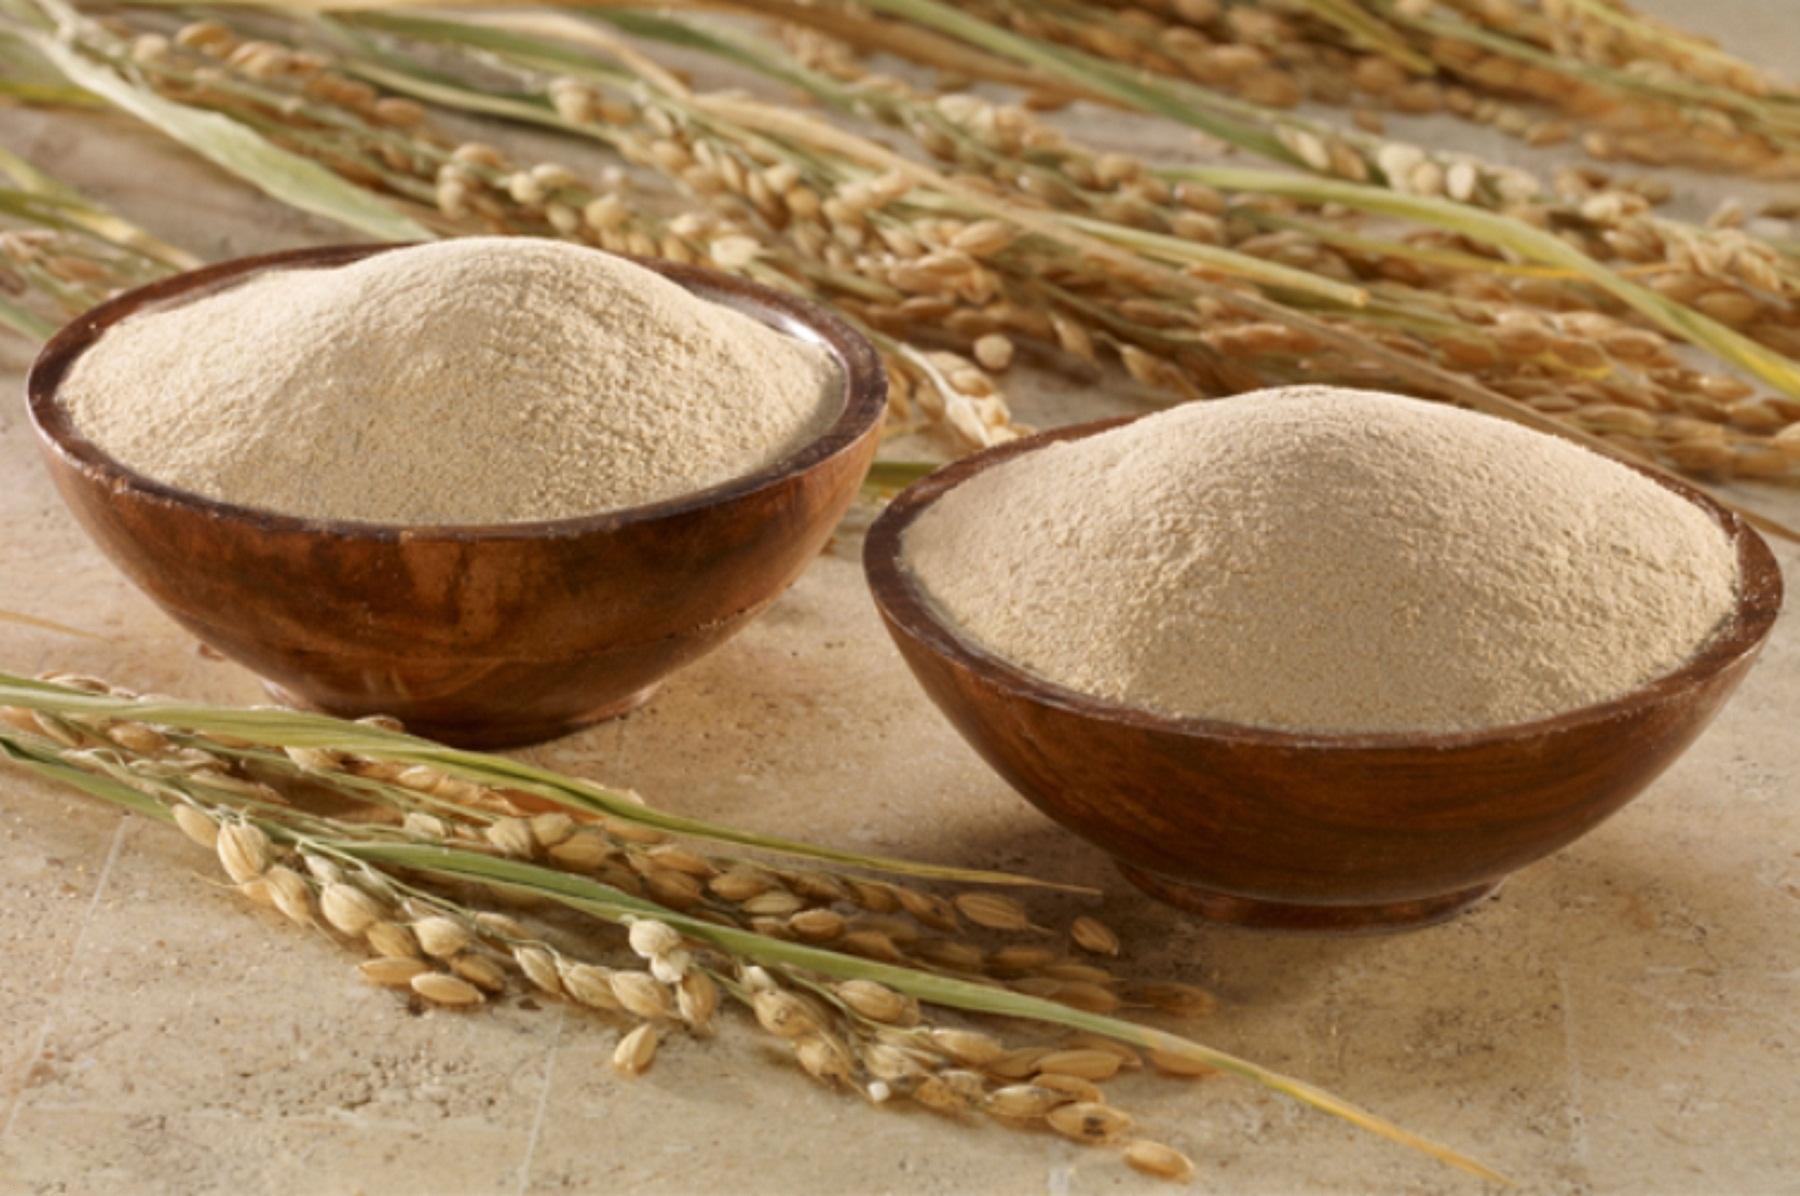 Cám gạo là thành phần tẩy da chết vật lý vô cùng nhẹ nhàng